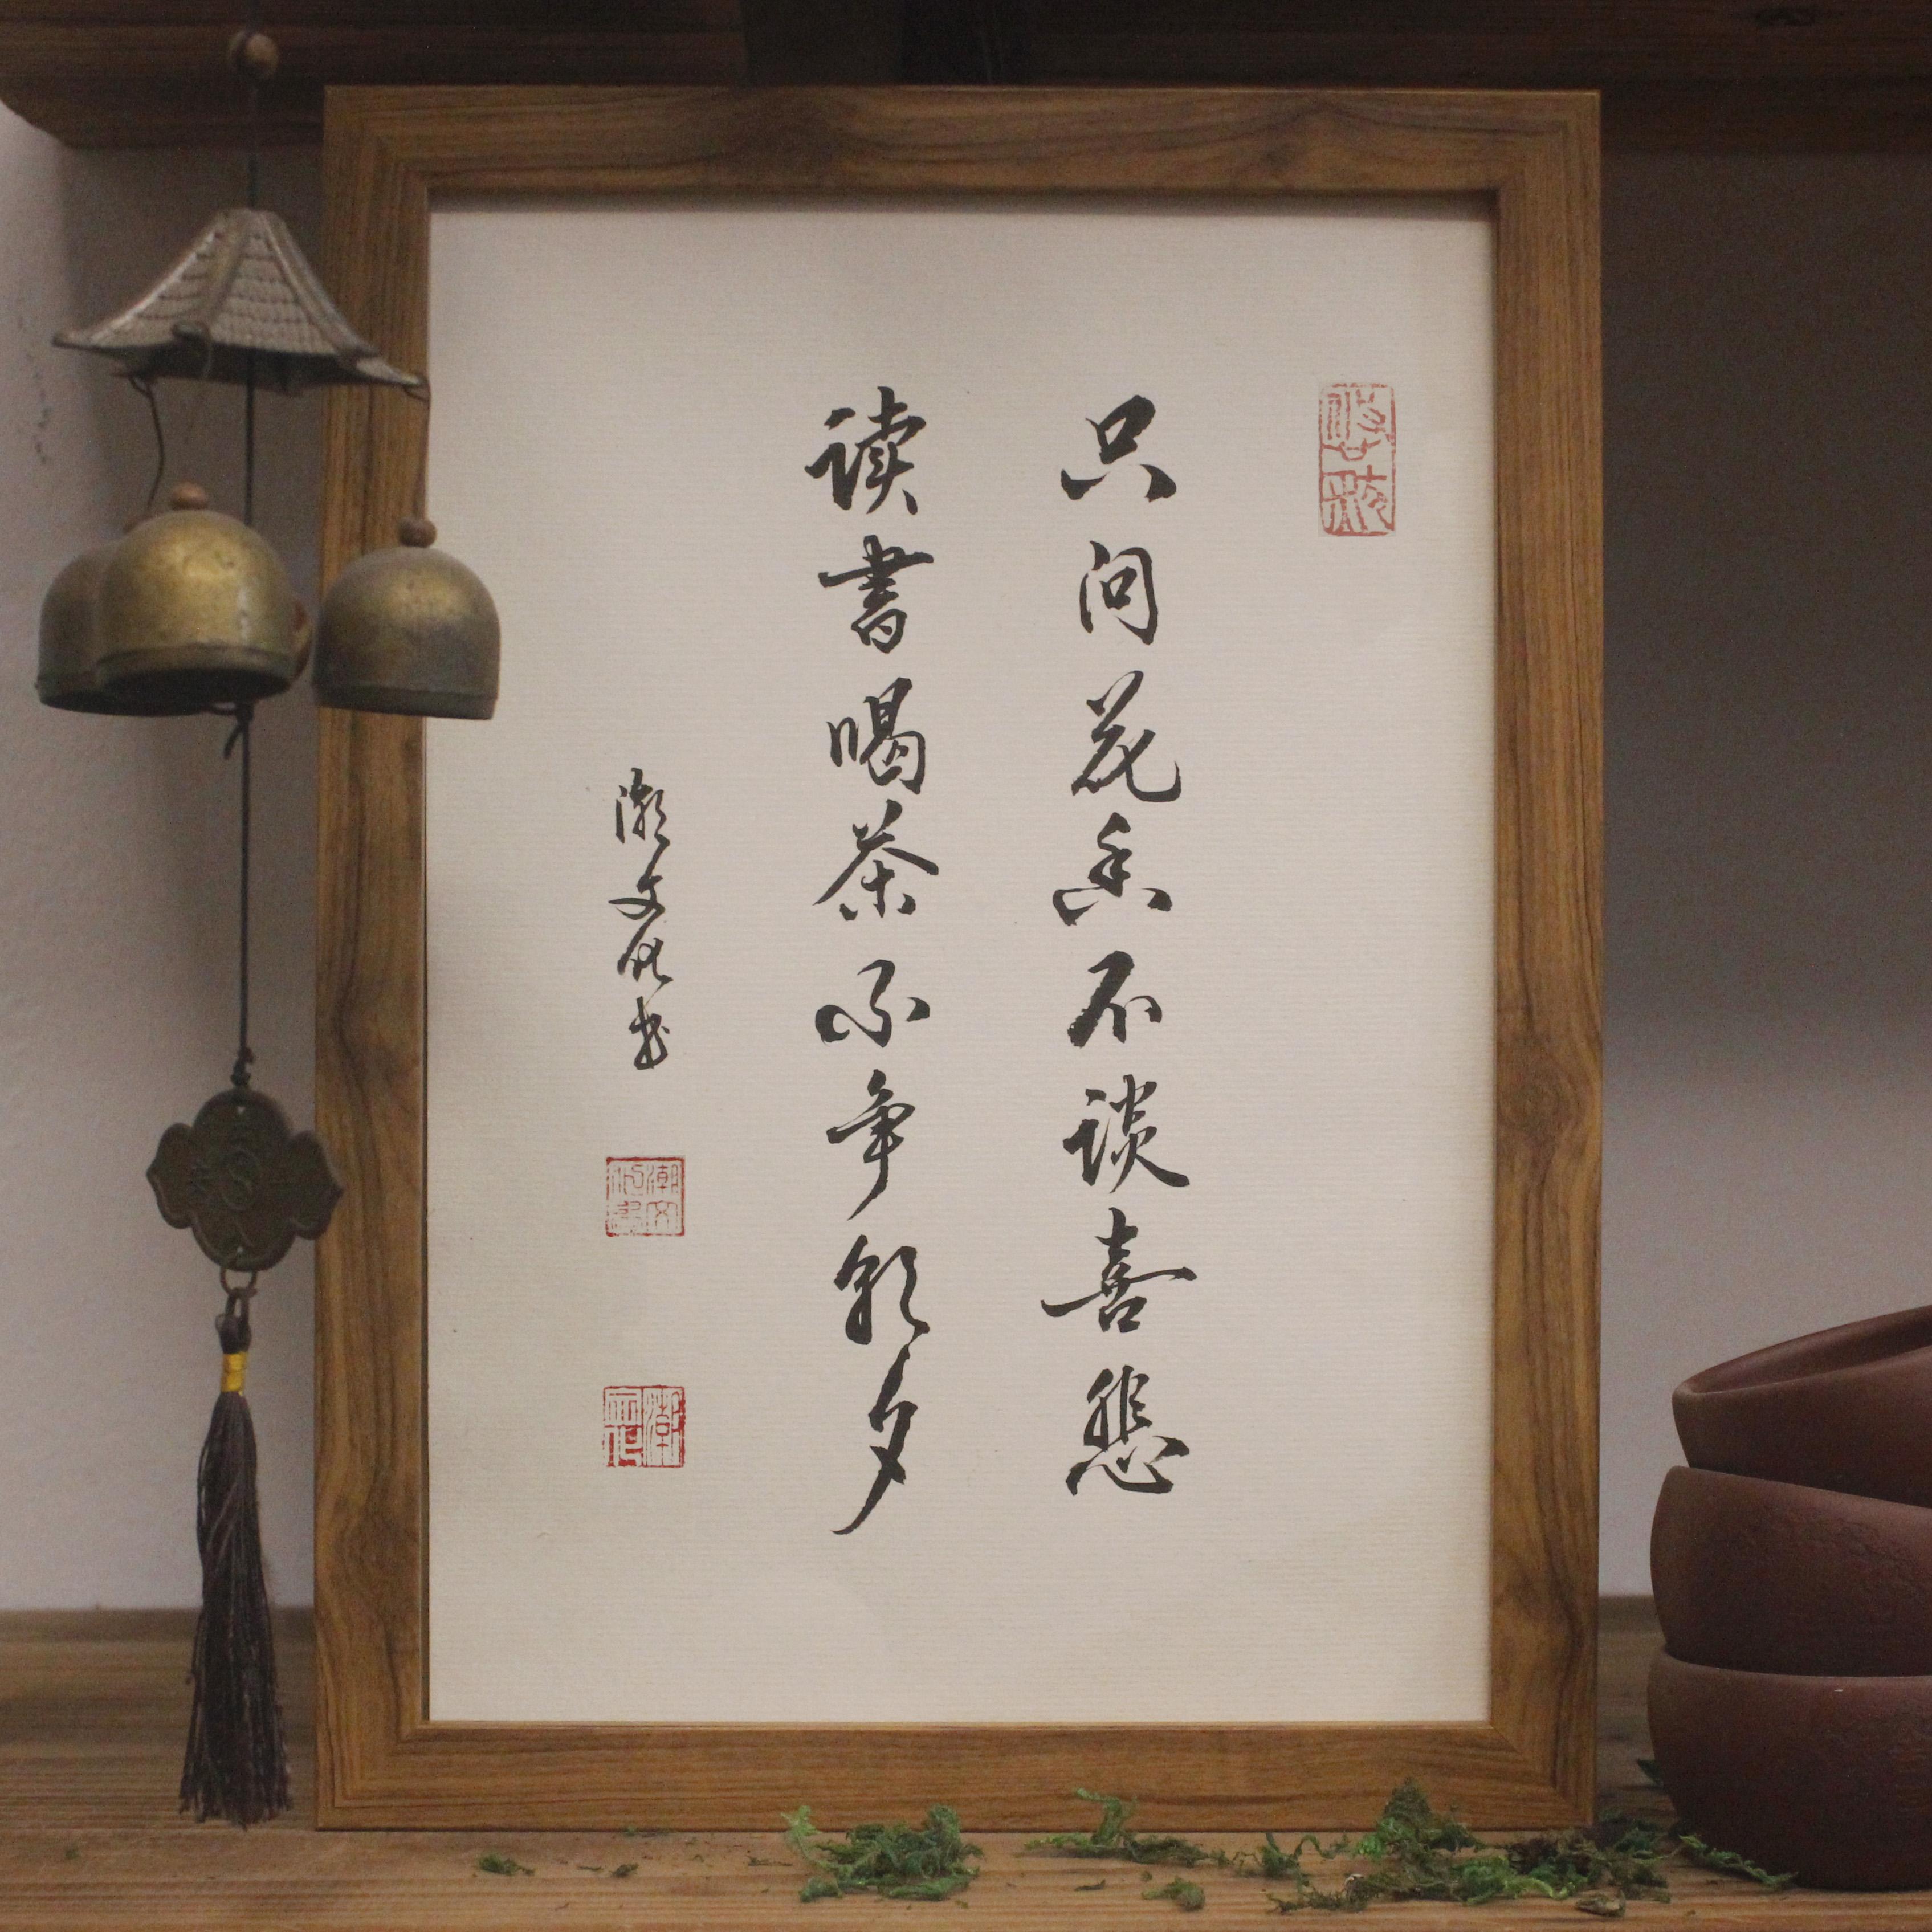 掛物書法手寫真臺桌面實木只問花香不談喜悲讀喝茶不爭朝夕字畫